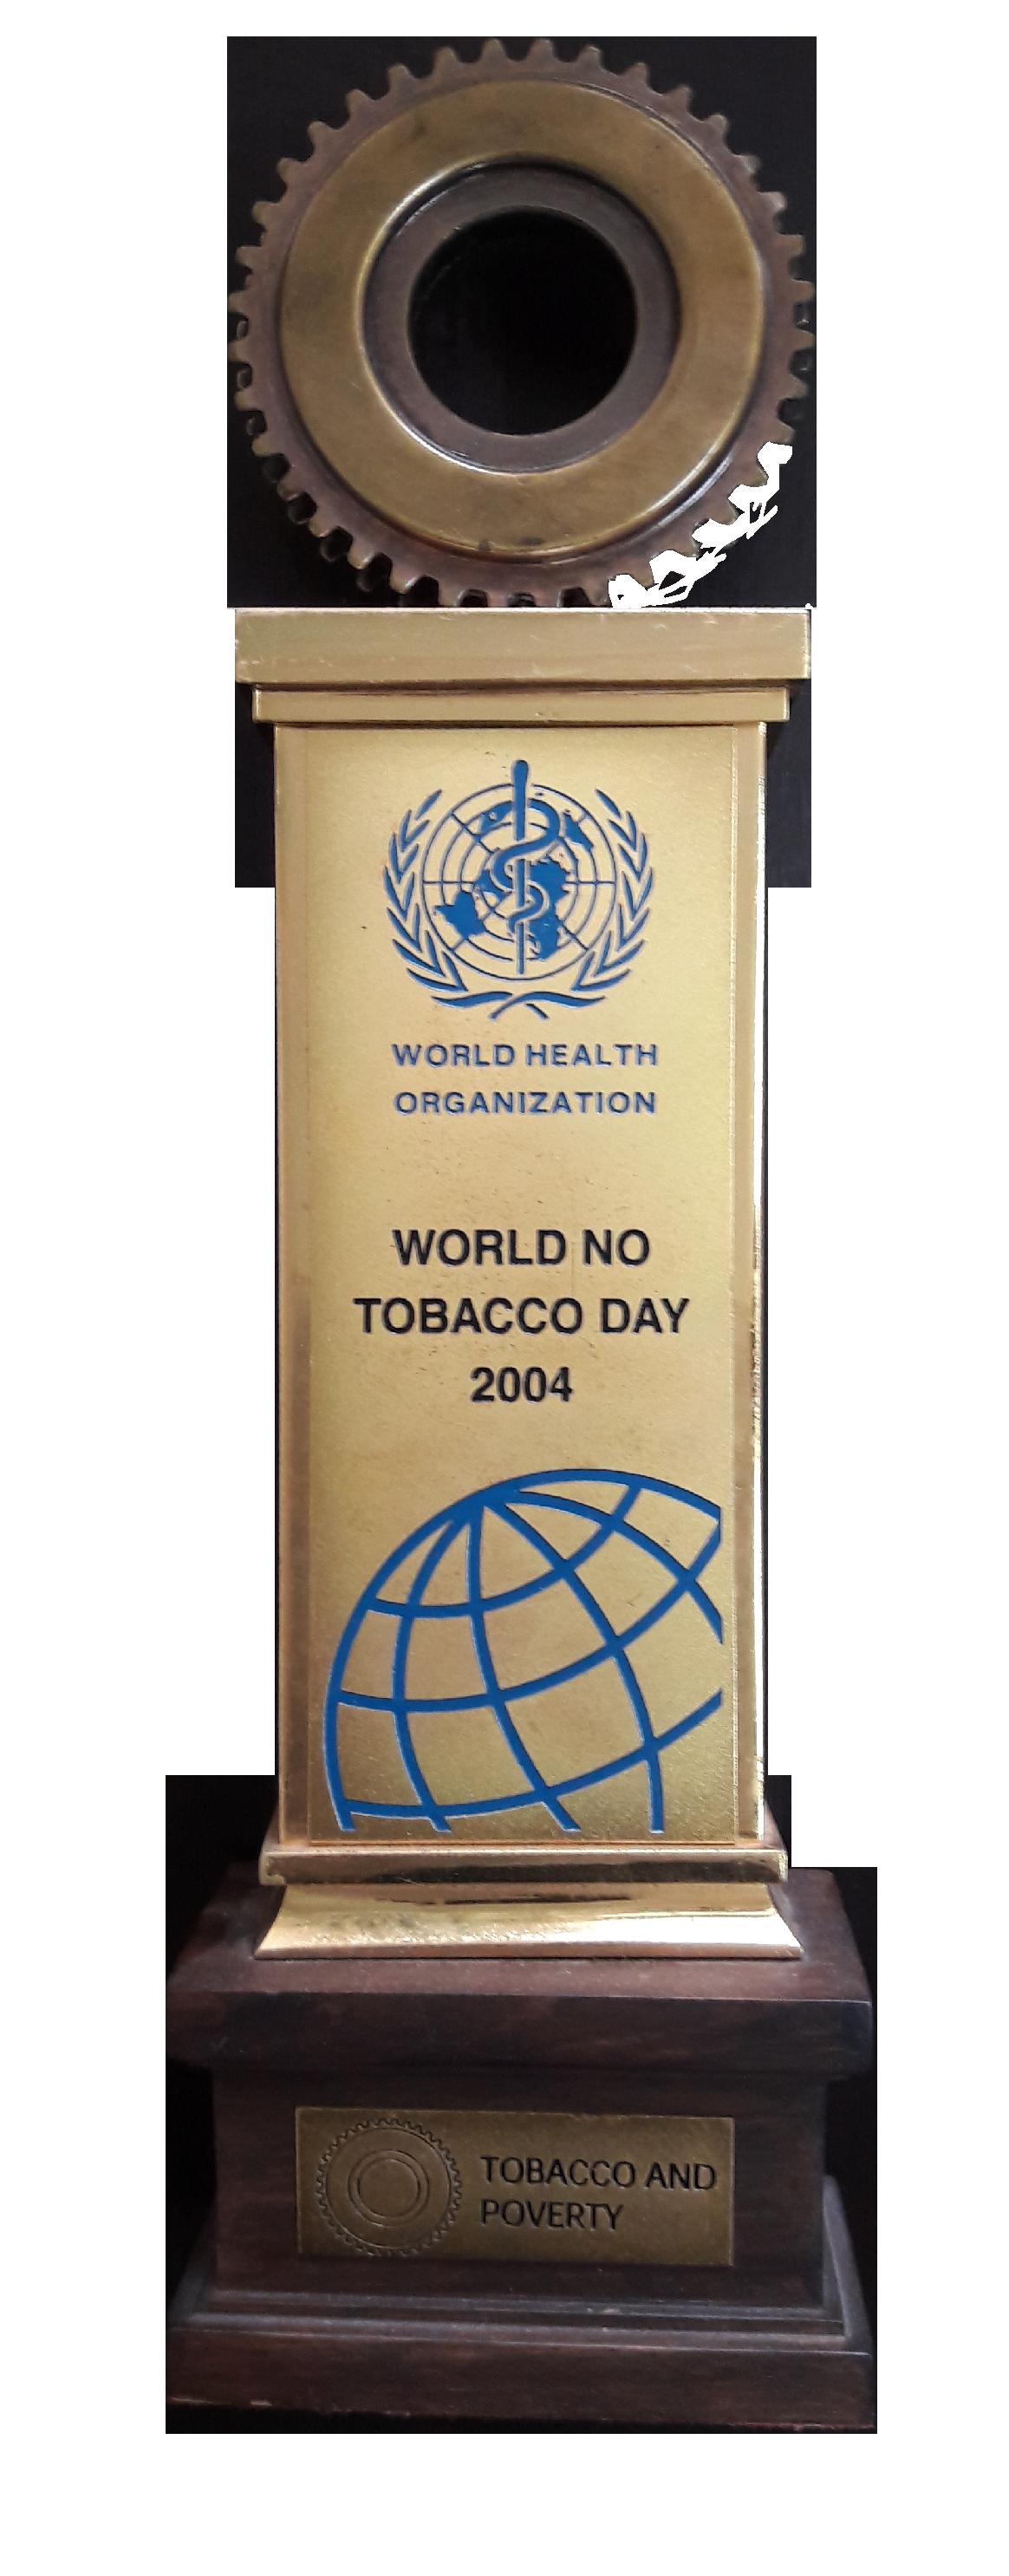 seatca-award